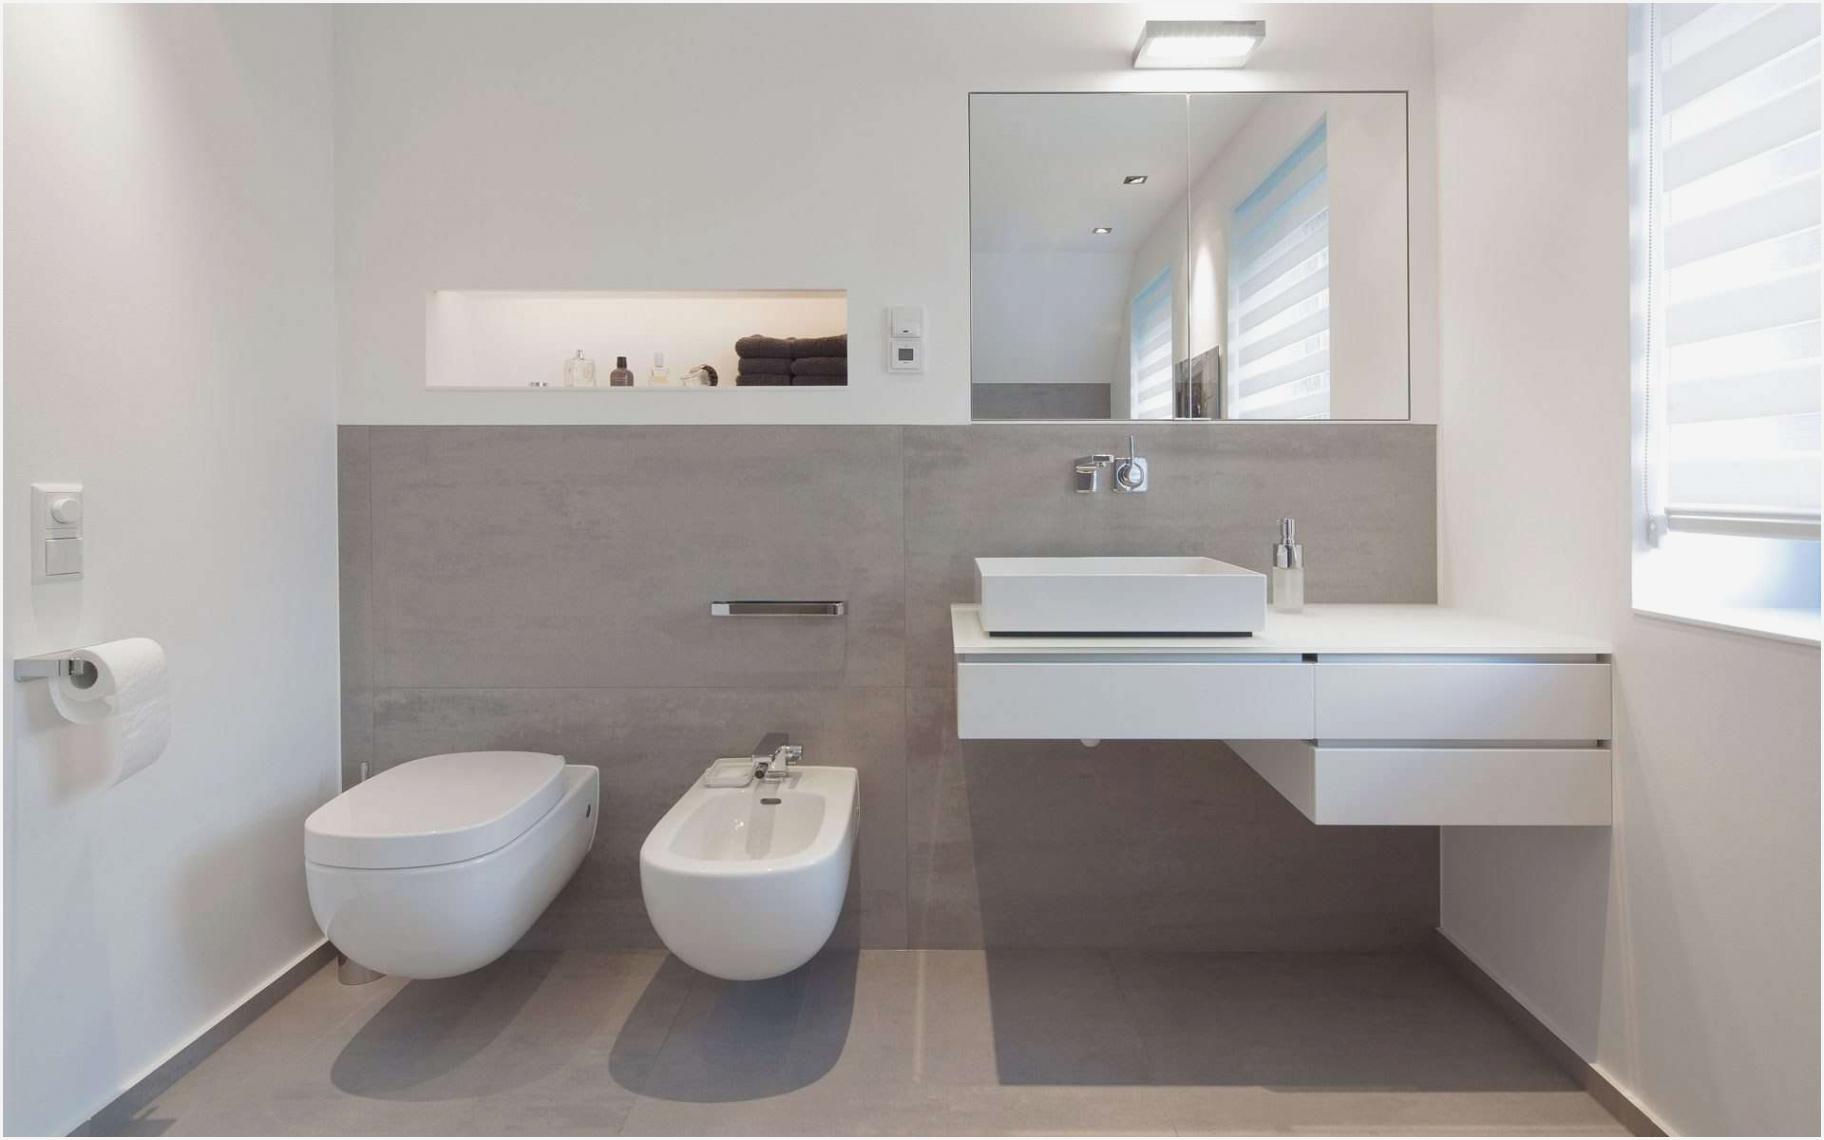 Full Size of Bodenfliesen Streichen Badezimmer Vorher Nachher Ankleidezimmer Küche Bad Wohnzimmer Bodenfliesen Streichen